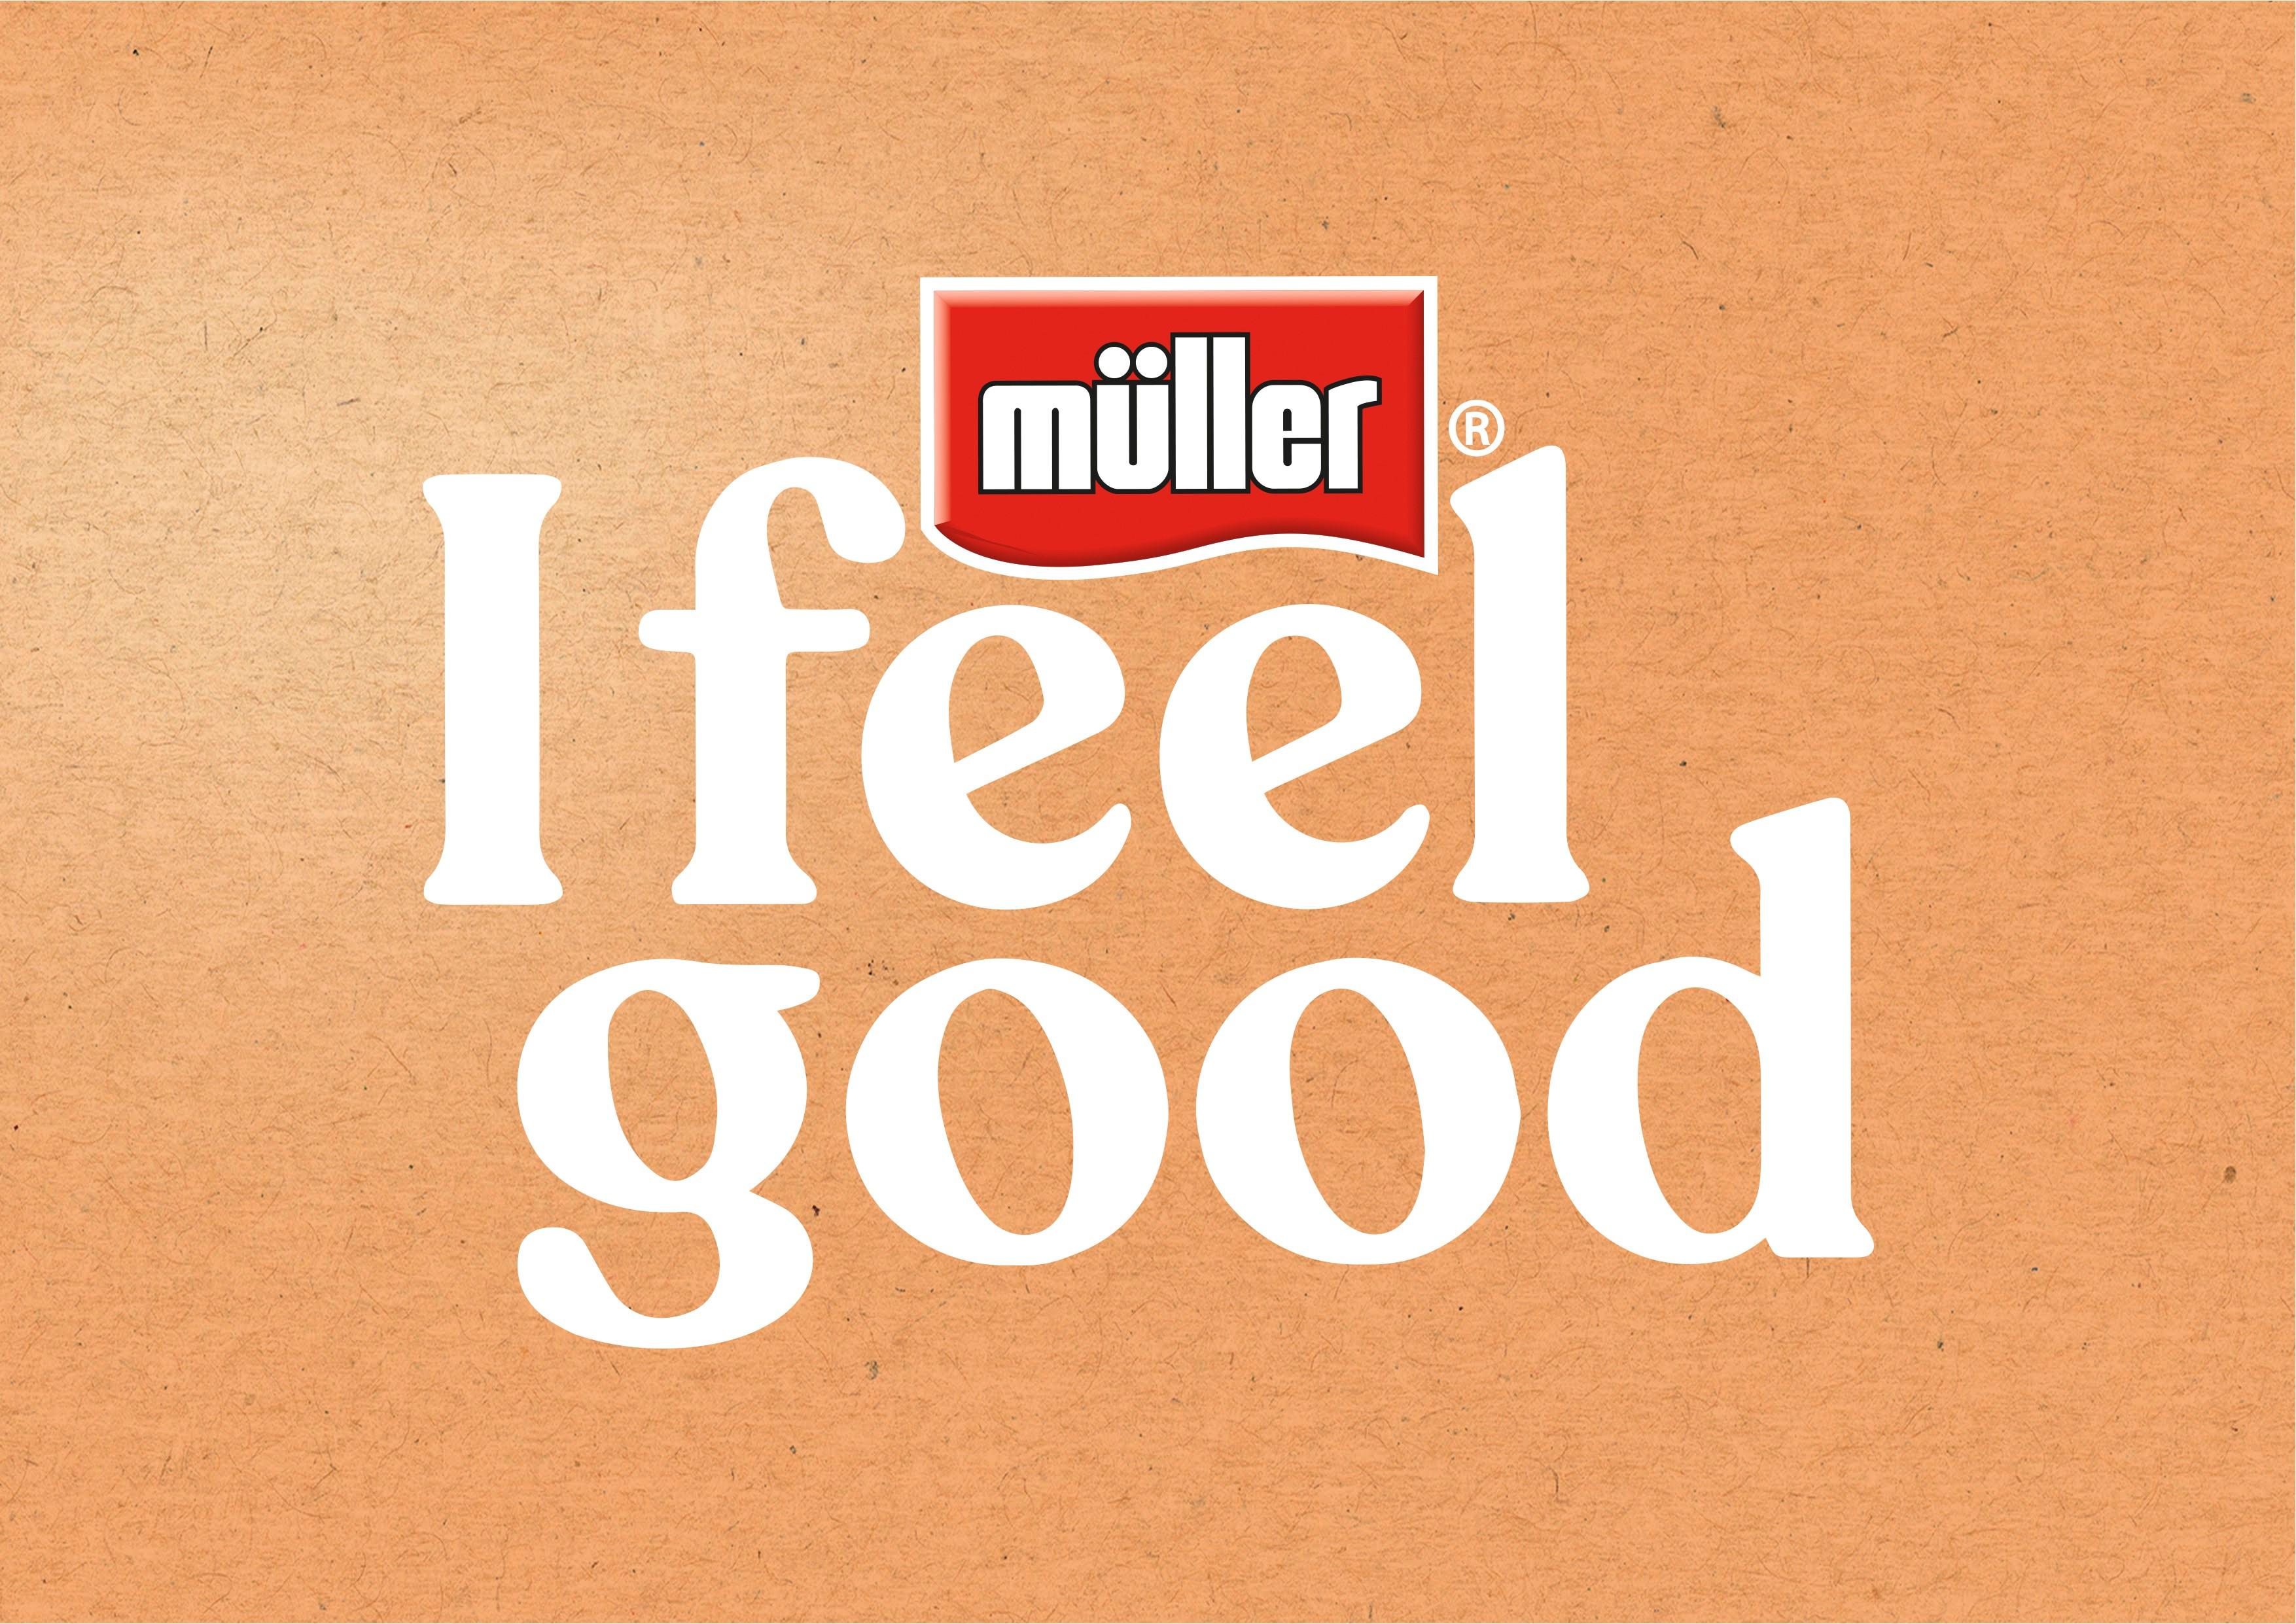 muller i feel good